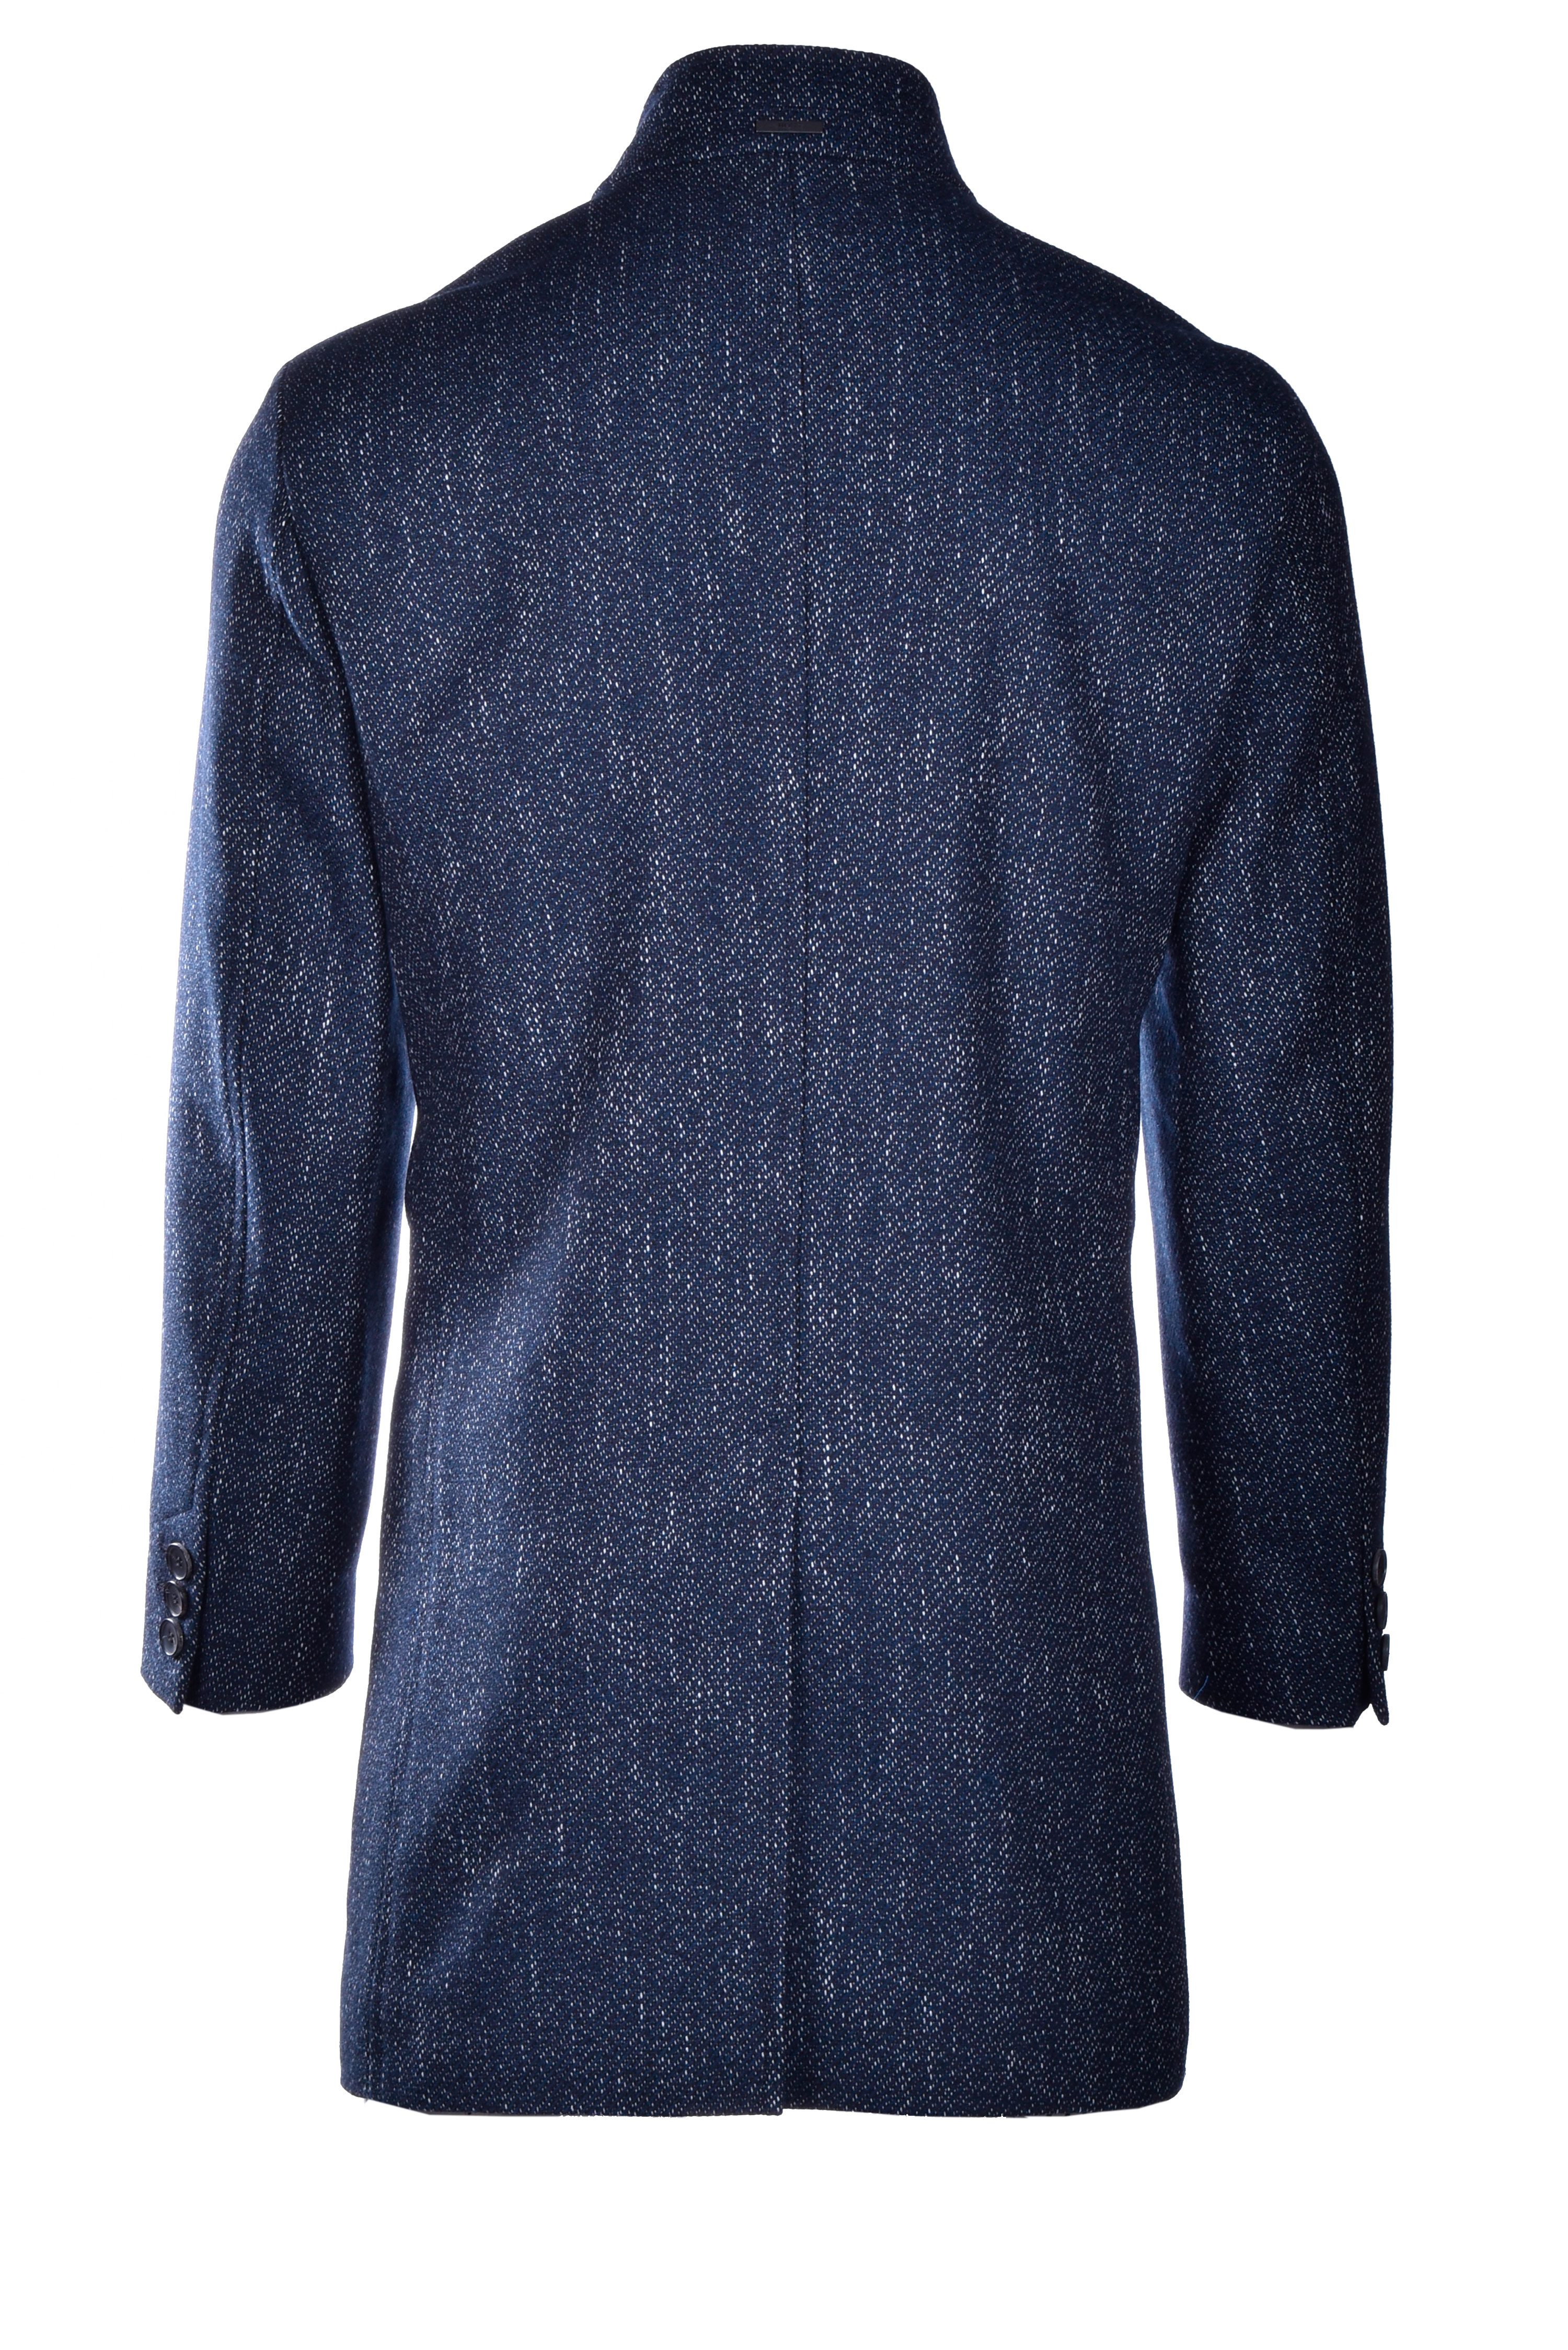 Salt and pepper men's coat with placket BOSS | Coat | 50438522417